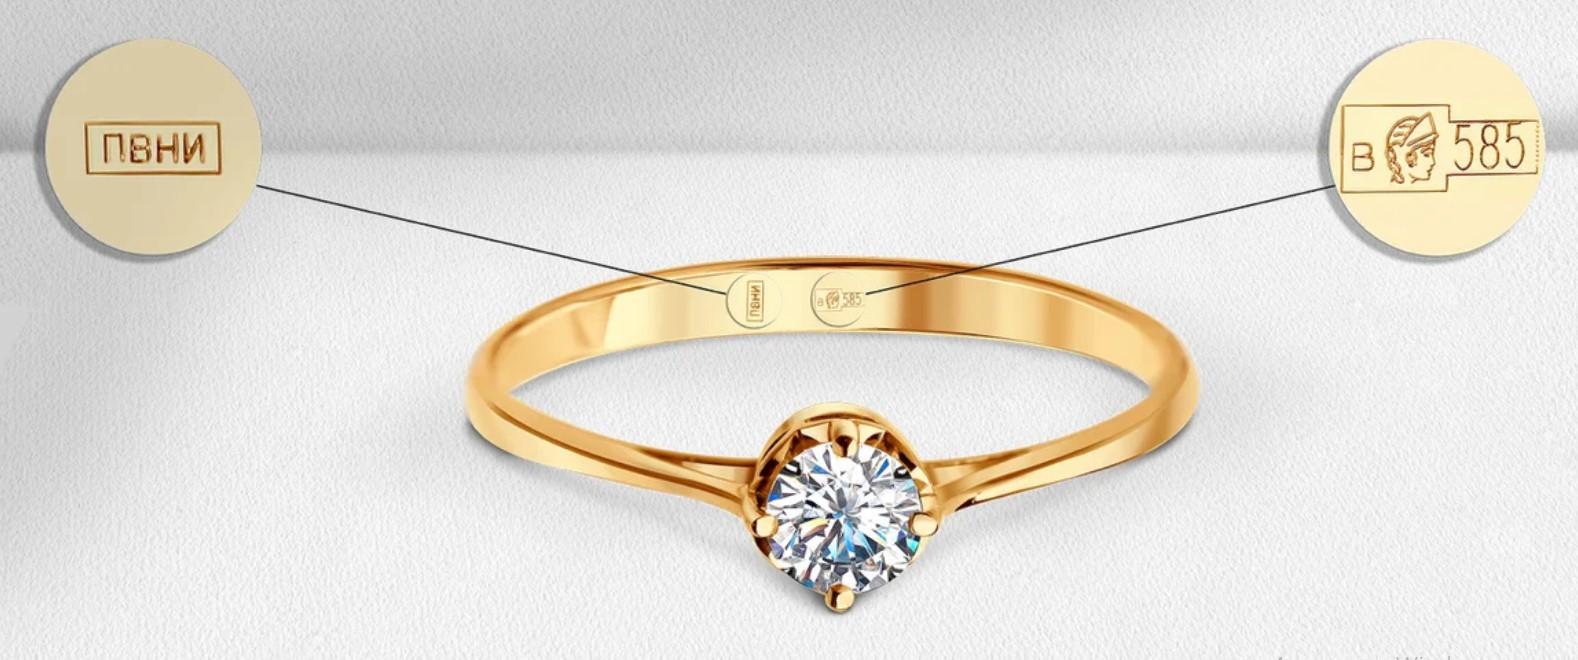 проверка золотого кольца где проба